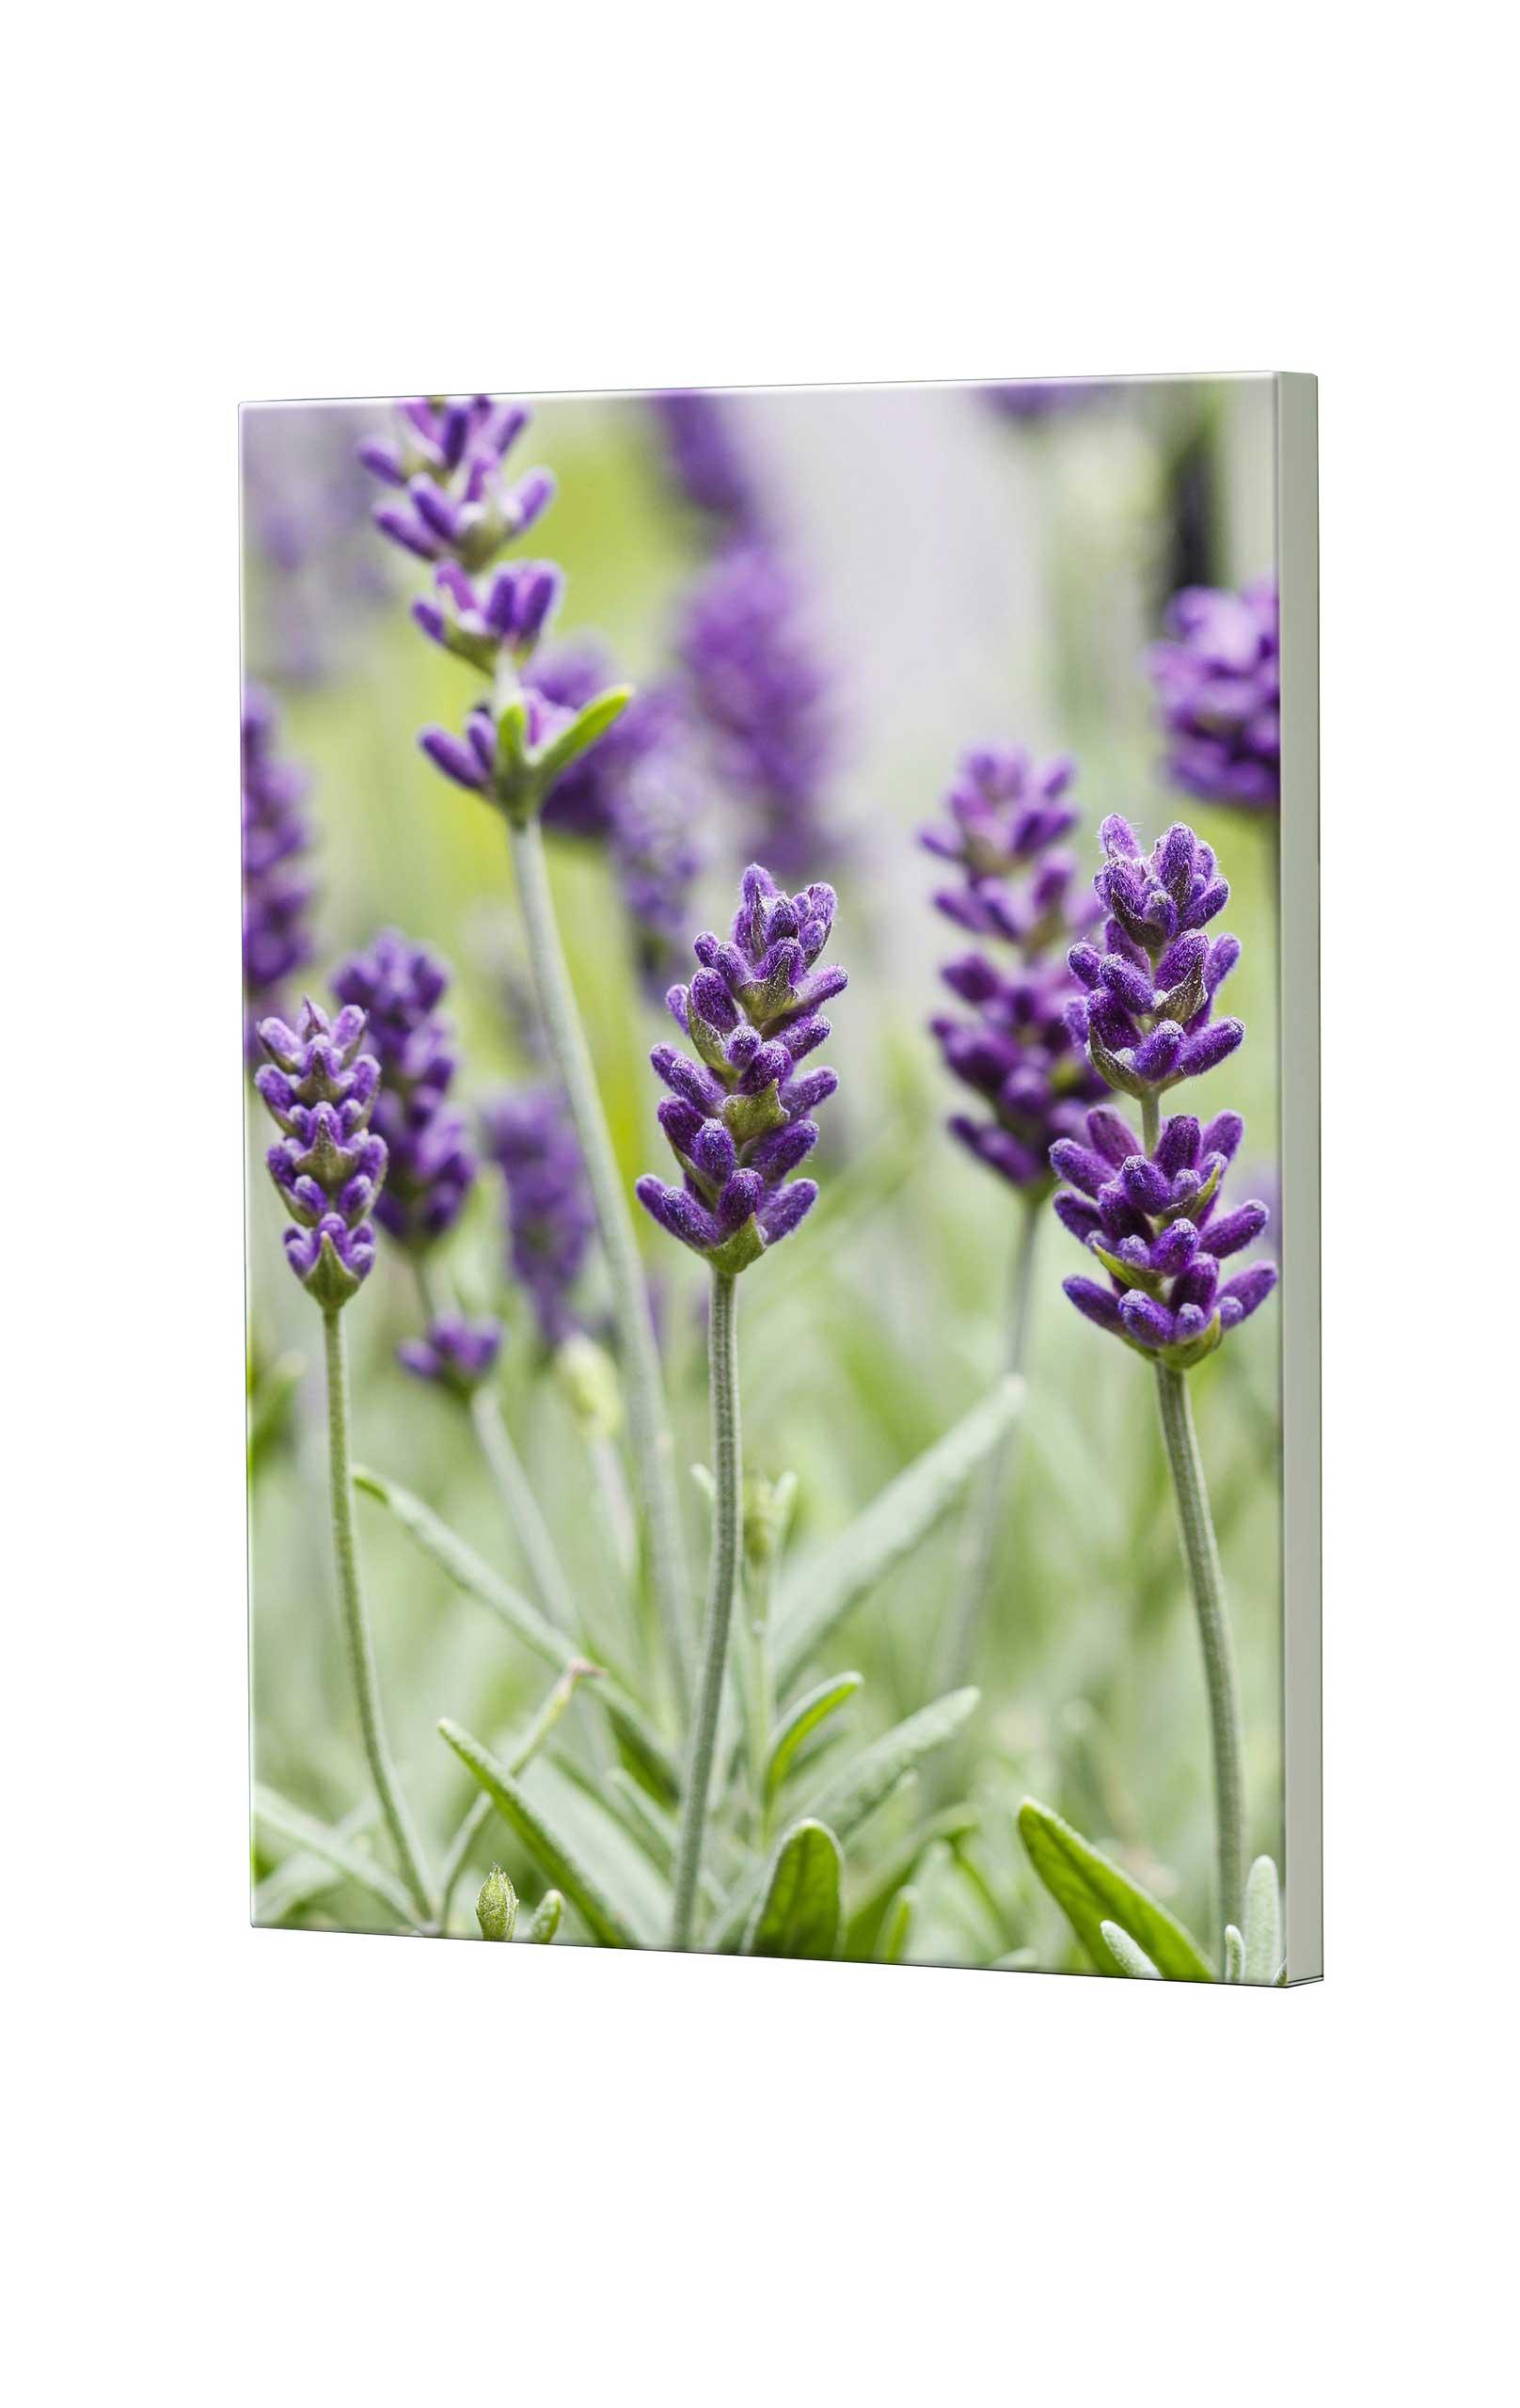 Magnettafel NOTIZ 60x80cm Motiv Blumen MDH149 Motiv-Pinnwand